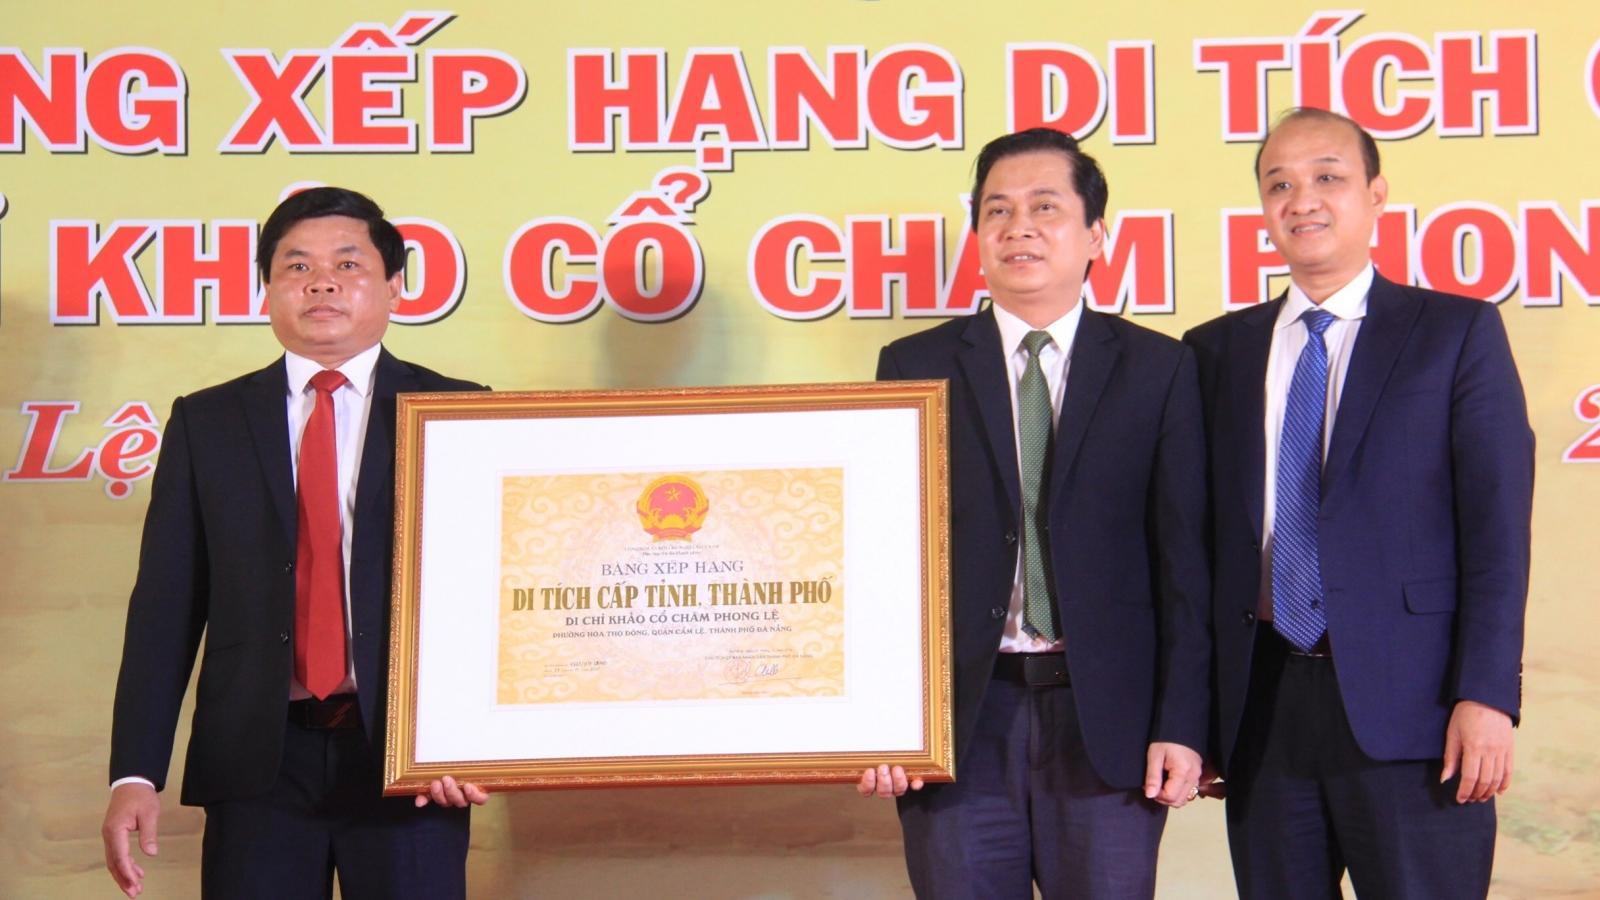 Di chỉ khảo cổ Chăm Phong Lệ đón nhận bằng xếp hạng di tích thành phố